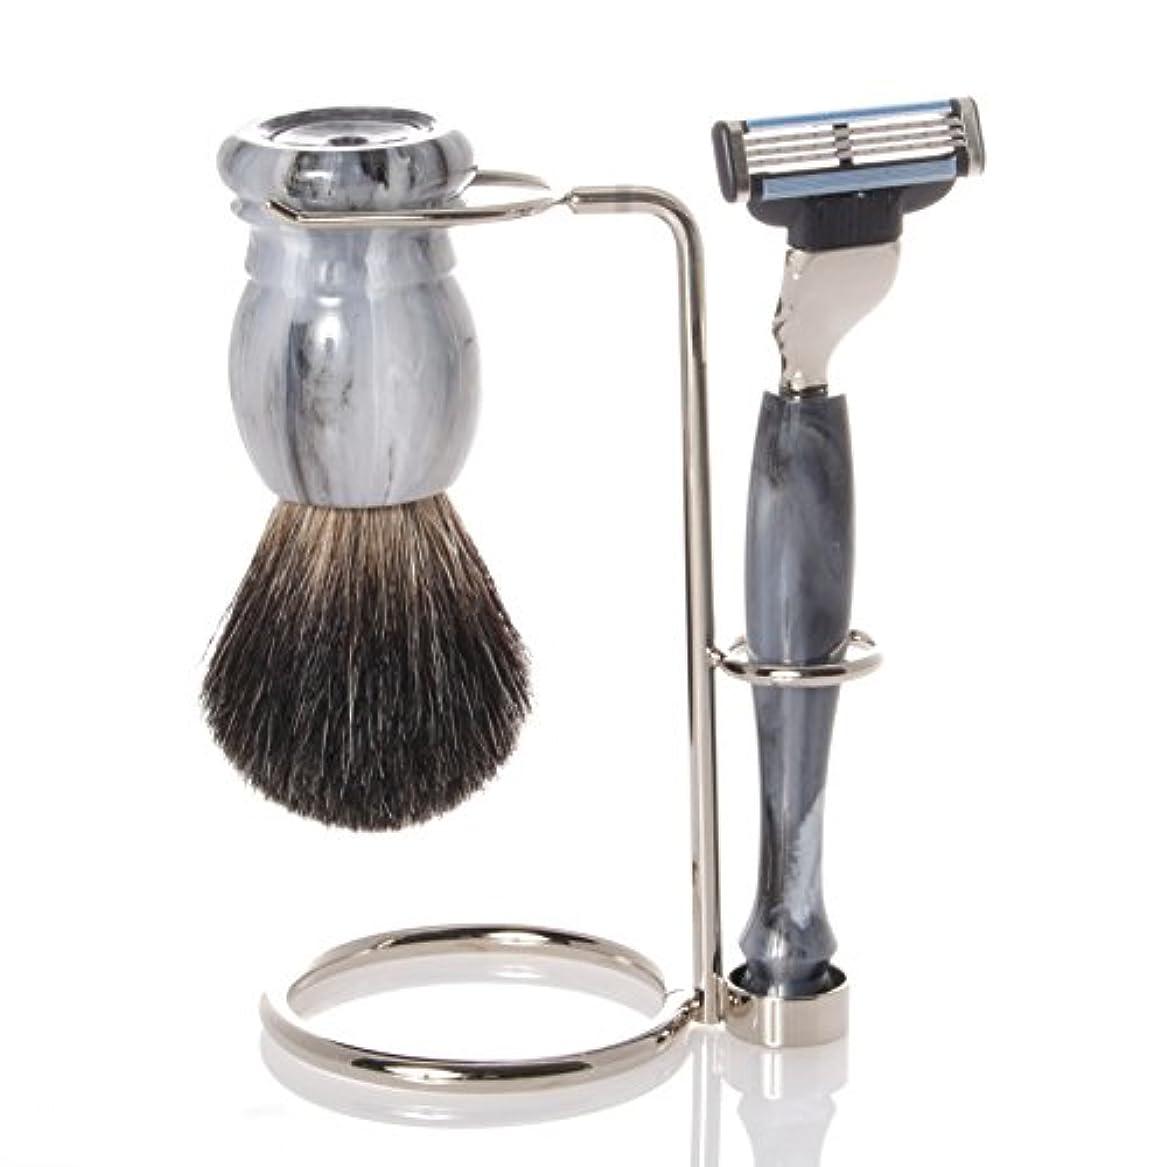 検索エンジン最適化バス果てしない髭剃りセット、ホルダー、グレー?オジャー?ブラシ、カミソリ - Hans Baier Exclusive